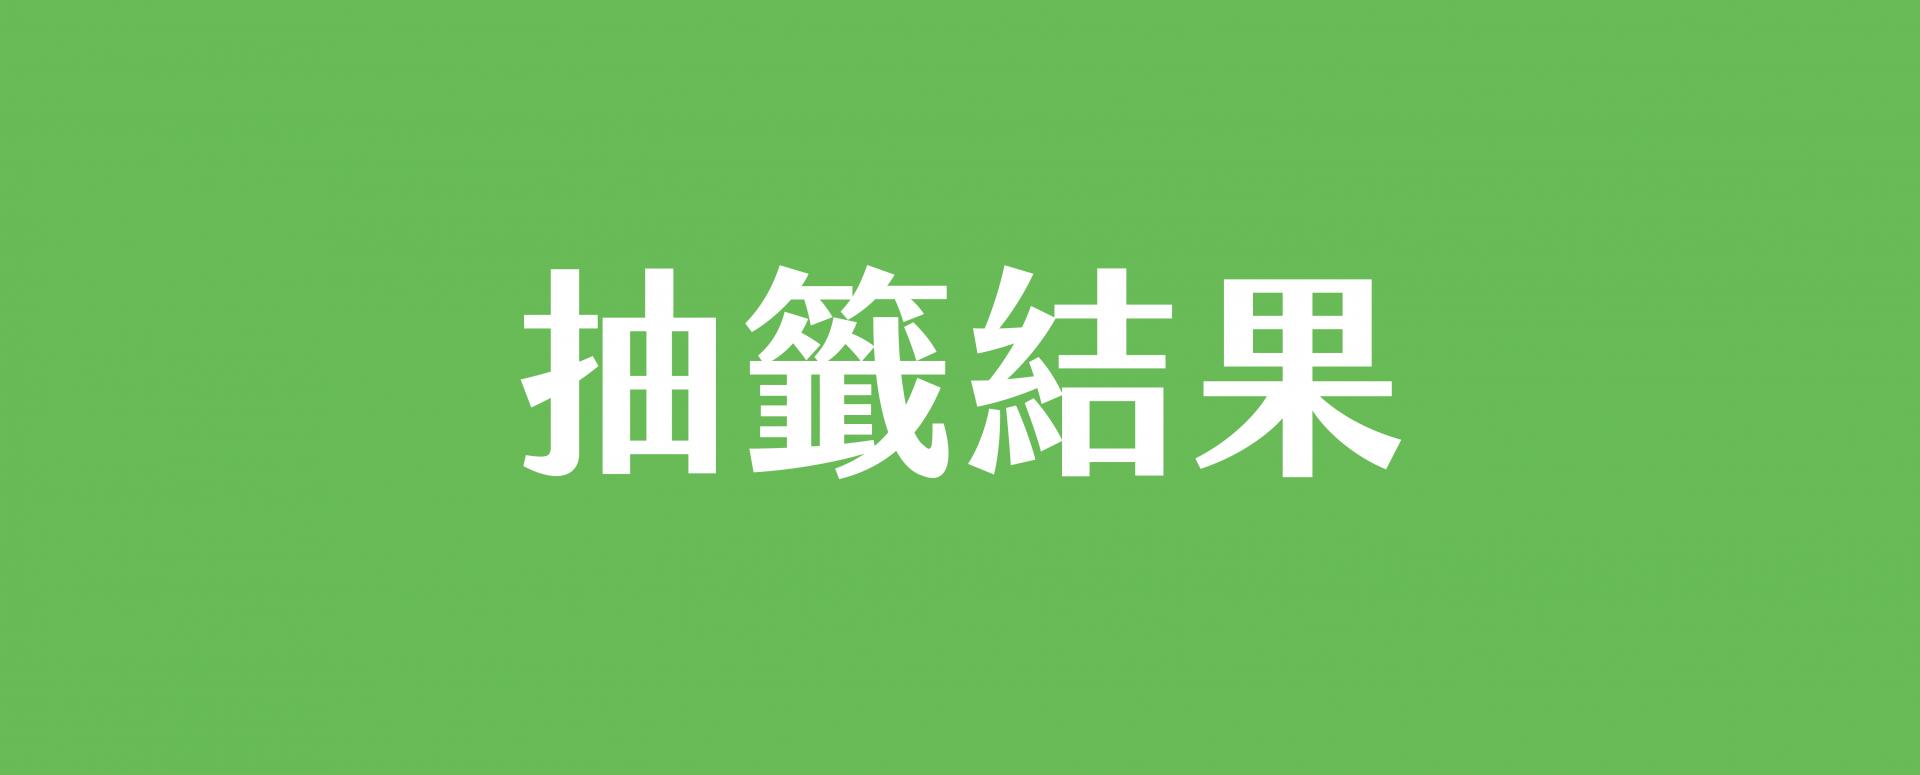 中籤結果button_phone-V2-01